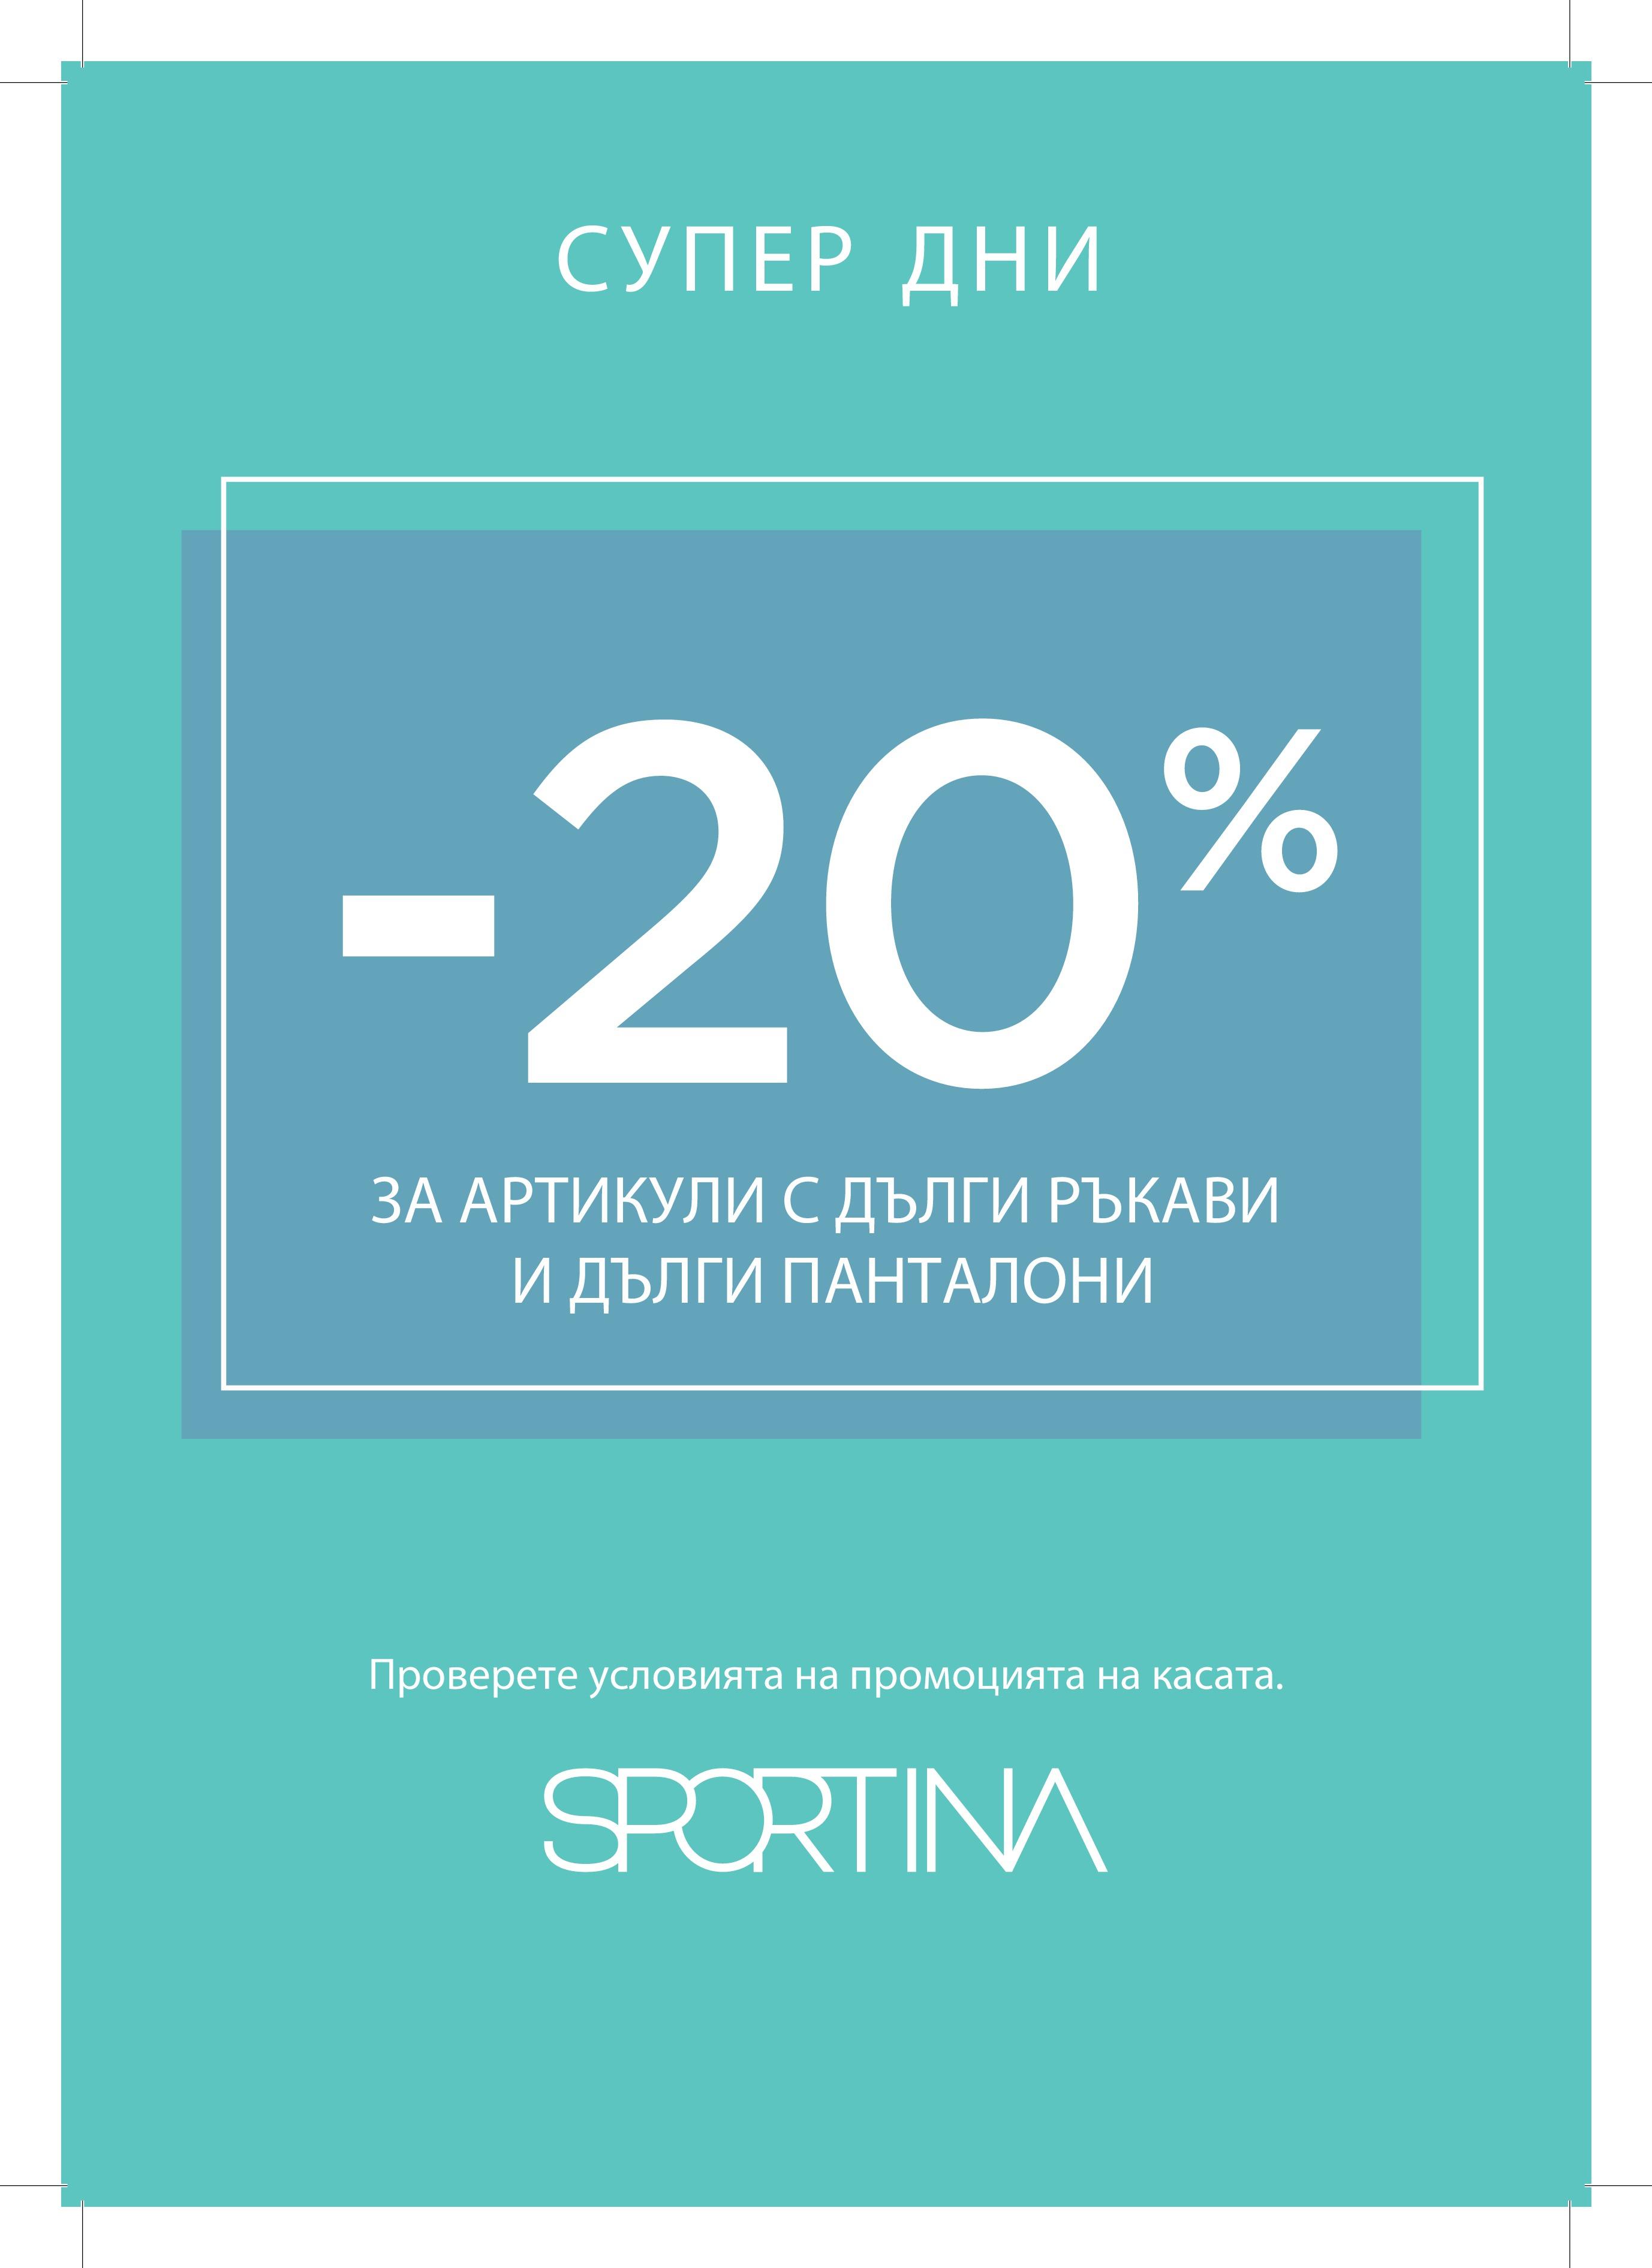 Възползвайте се от специалното предложение на магазини SPORTINA !